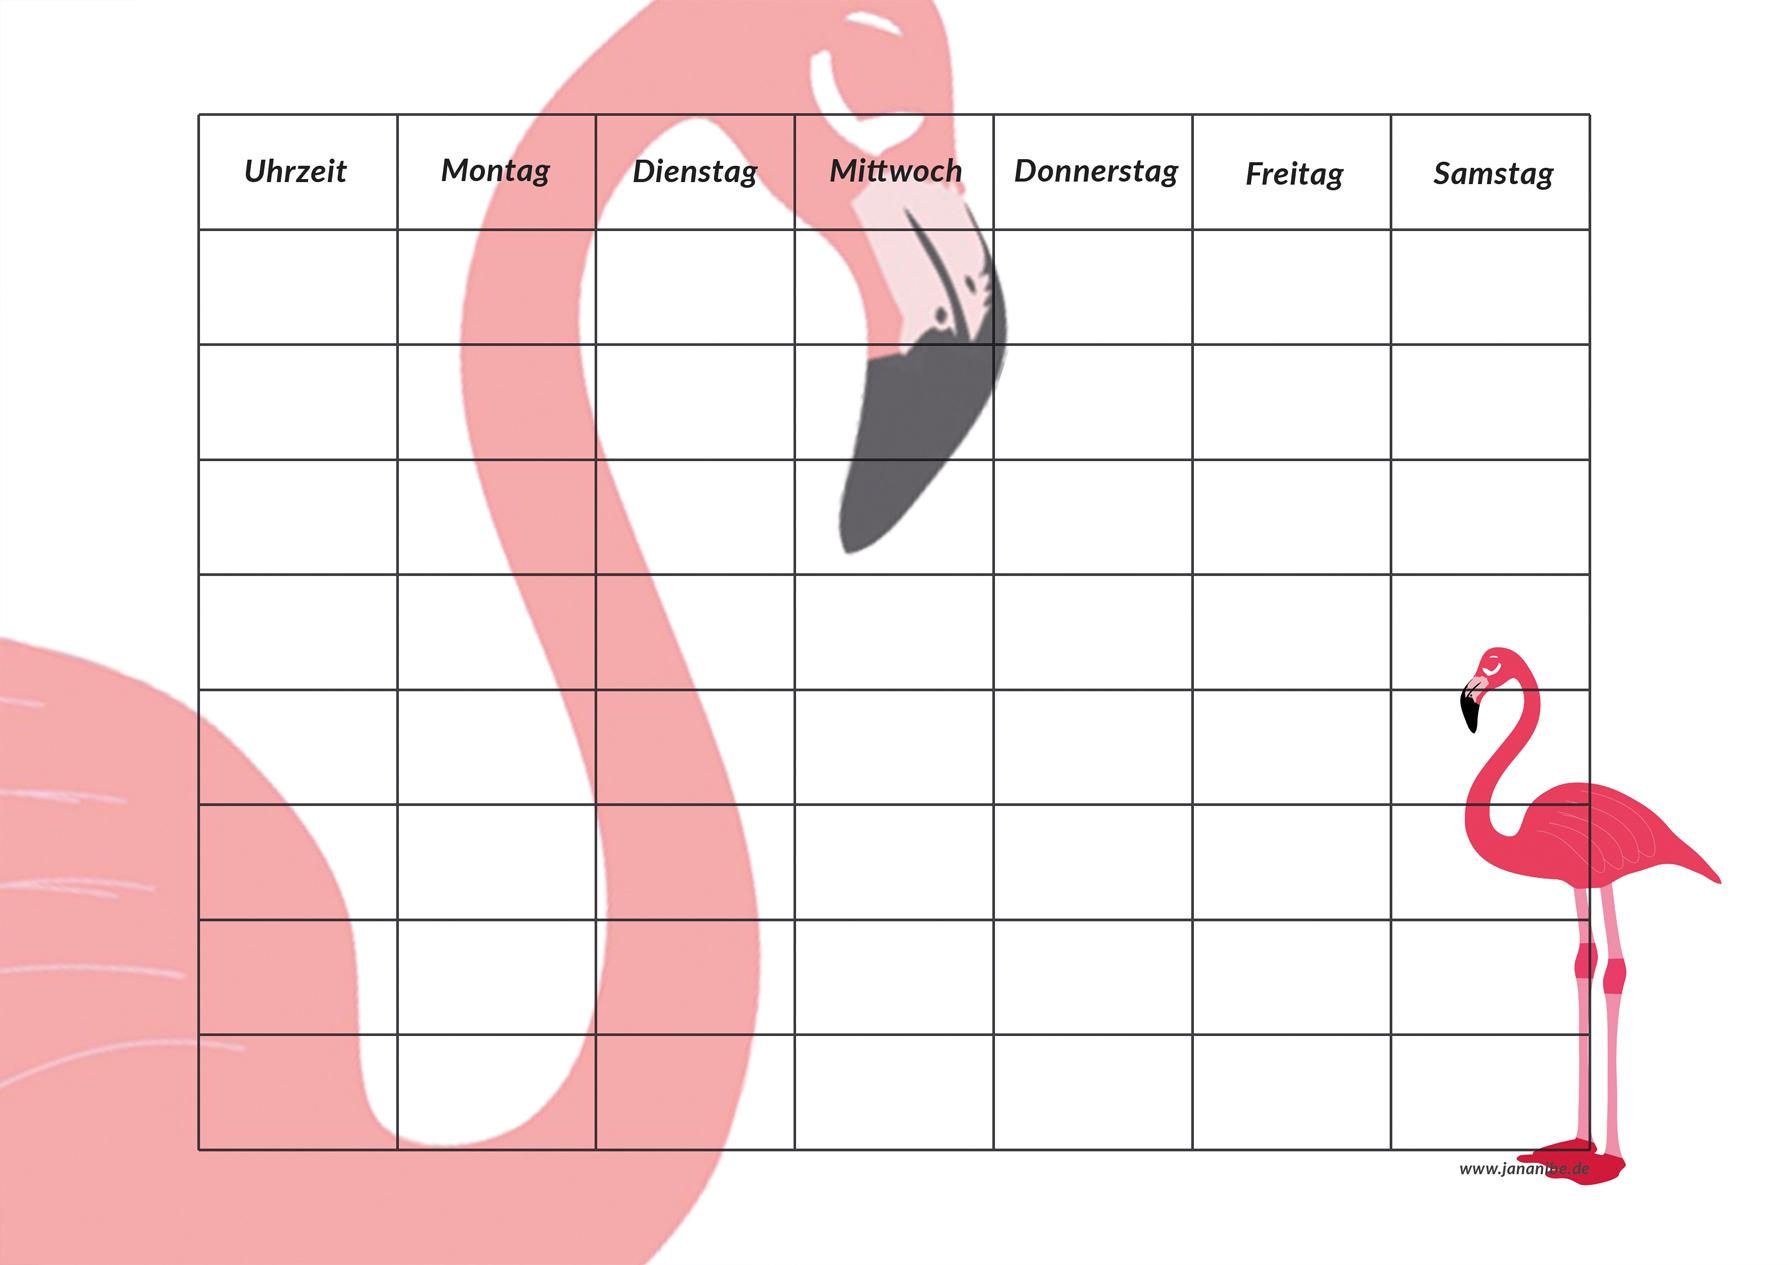 Stundenplan Kostenloser Download Zum Ausdrucken   Jananibe bei Bilder Zum Ausdrucken